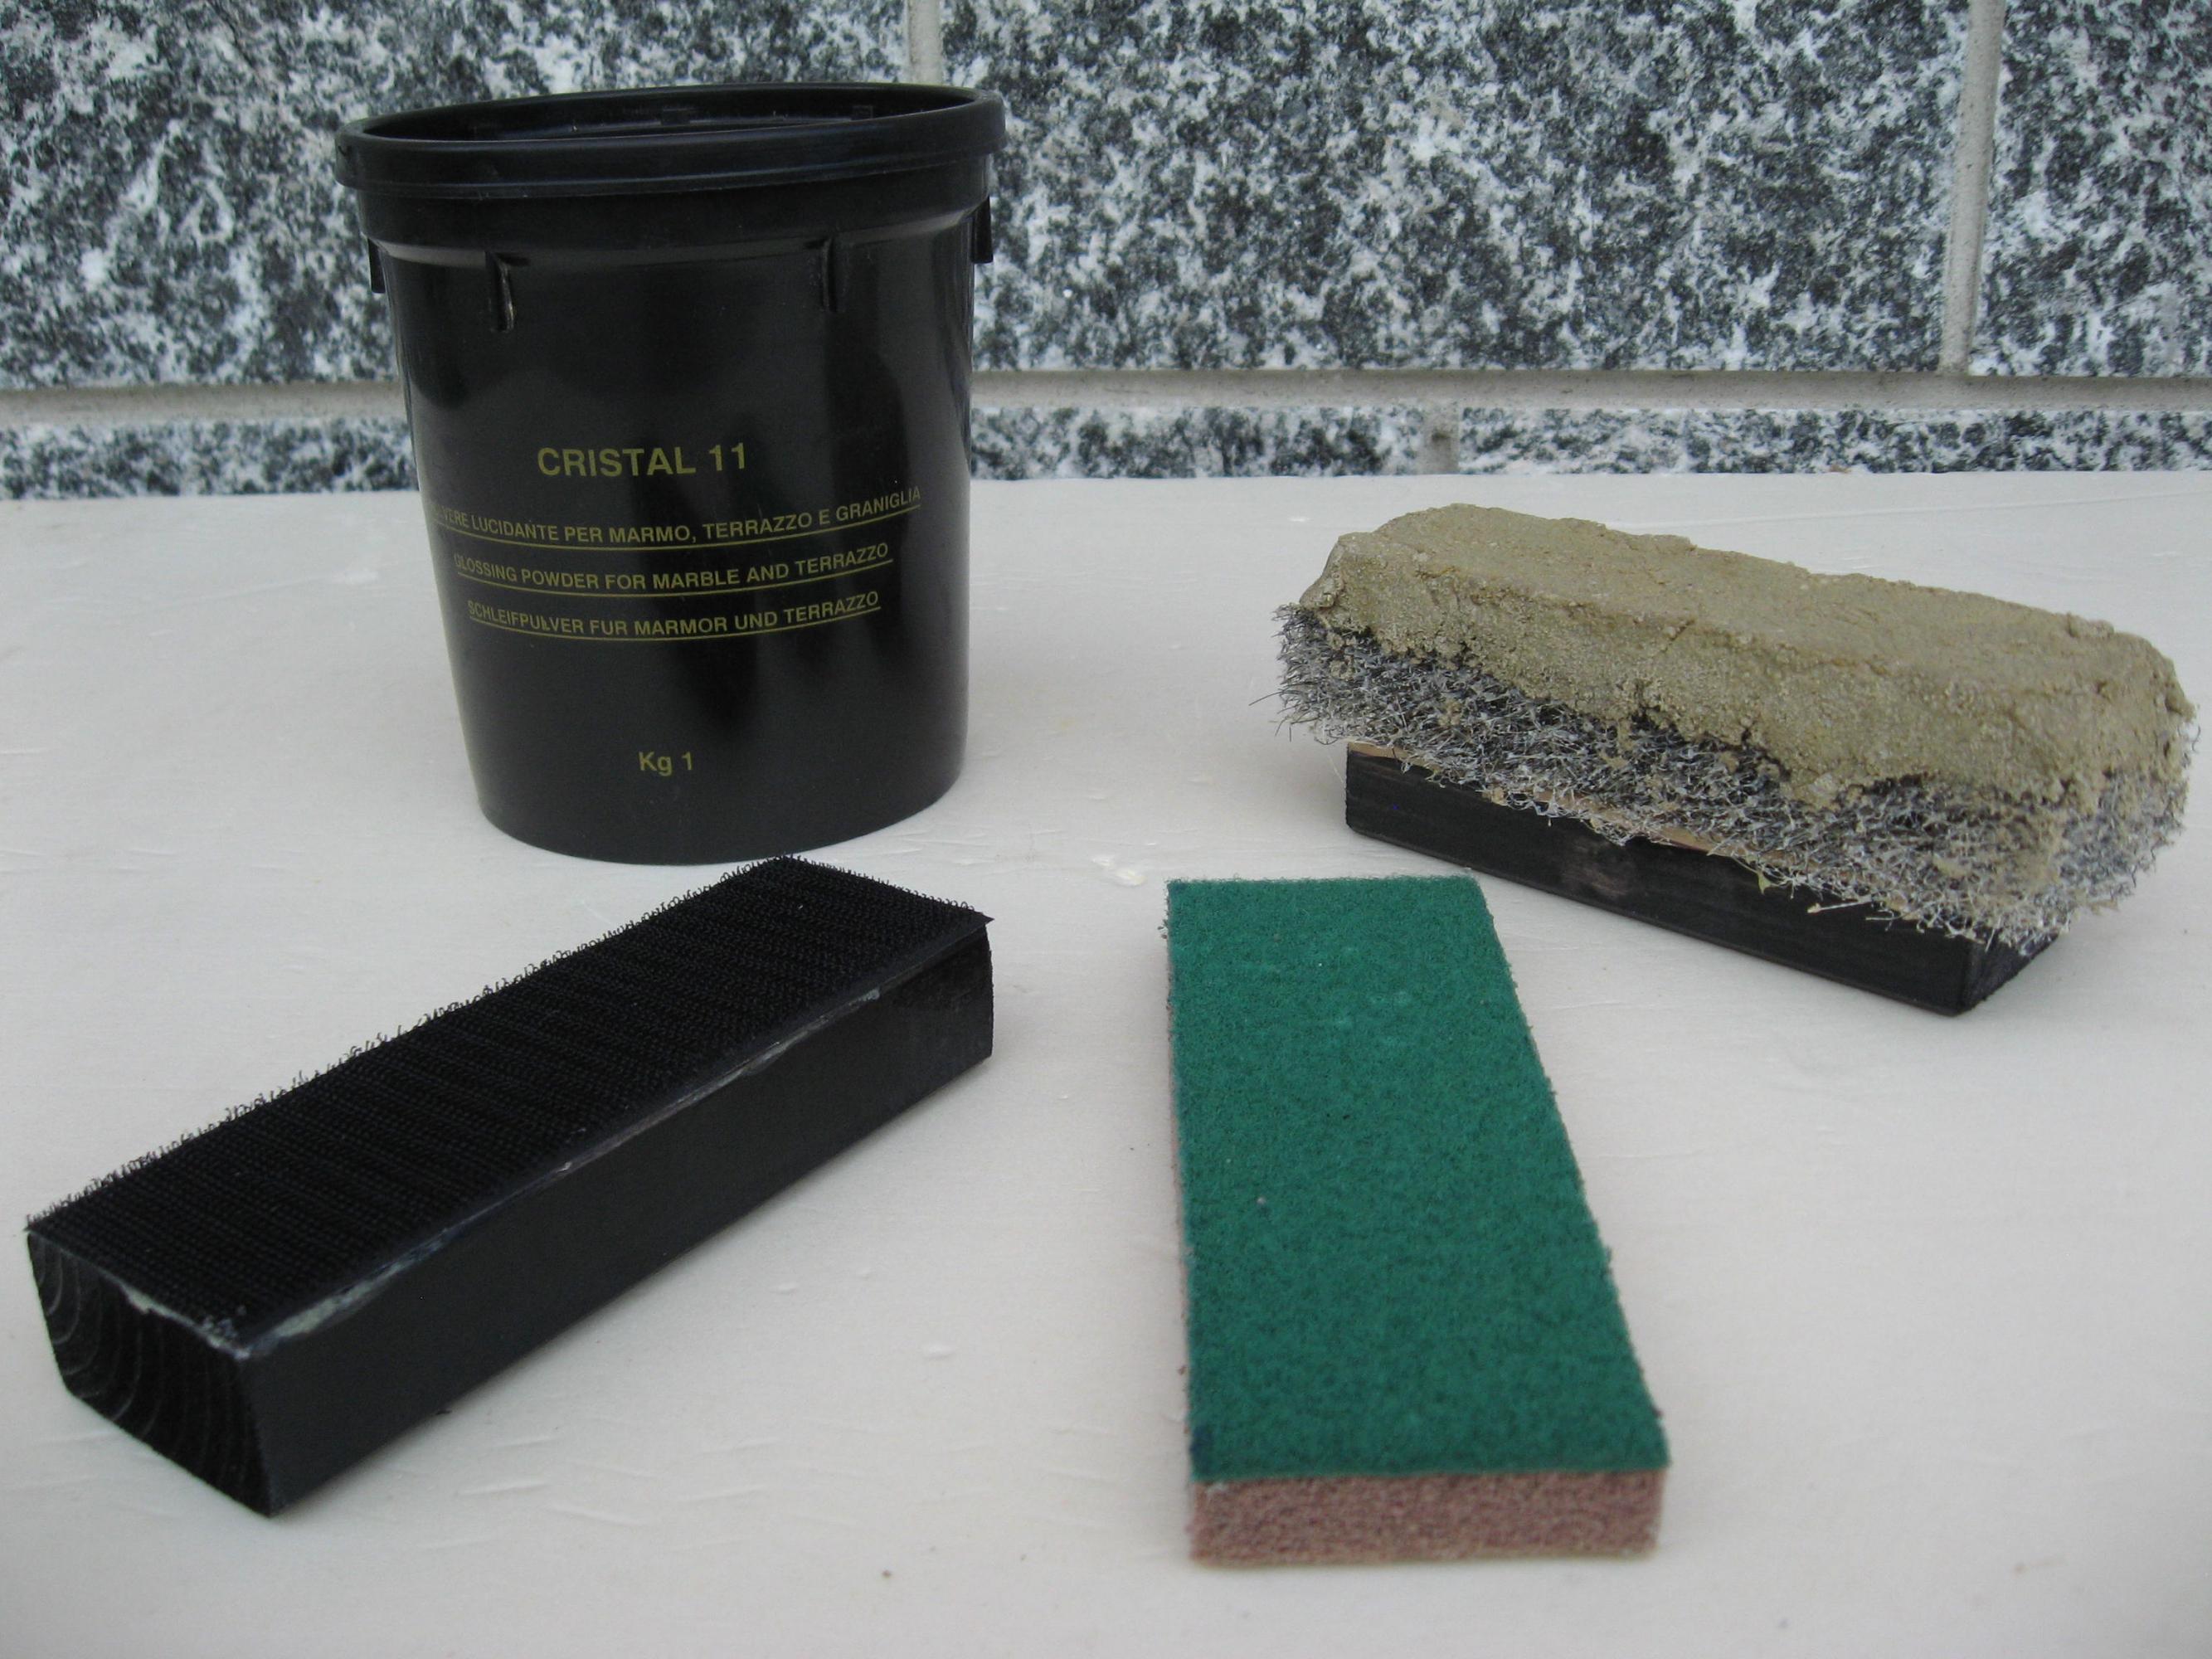 Prodotti marmo lucidare pavimento rigato corroso opaco for Pavimento marmo bianco e nero